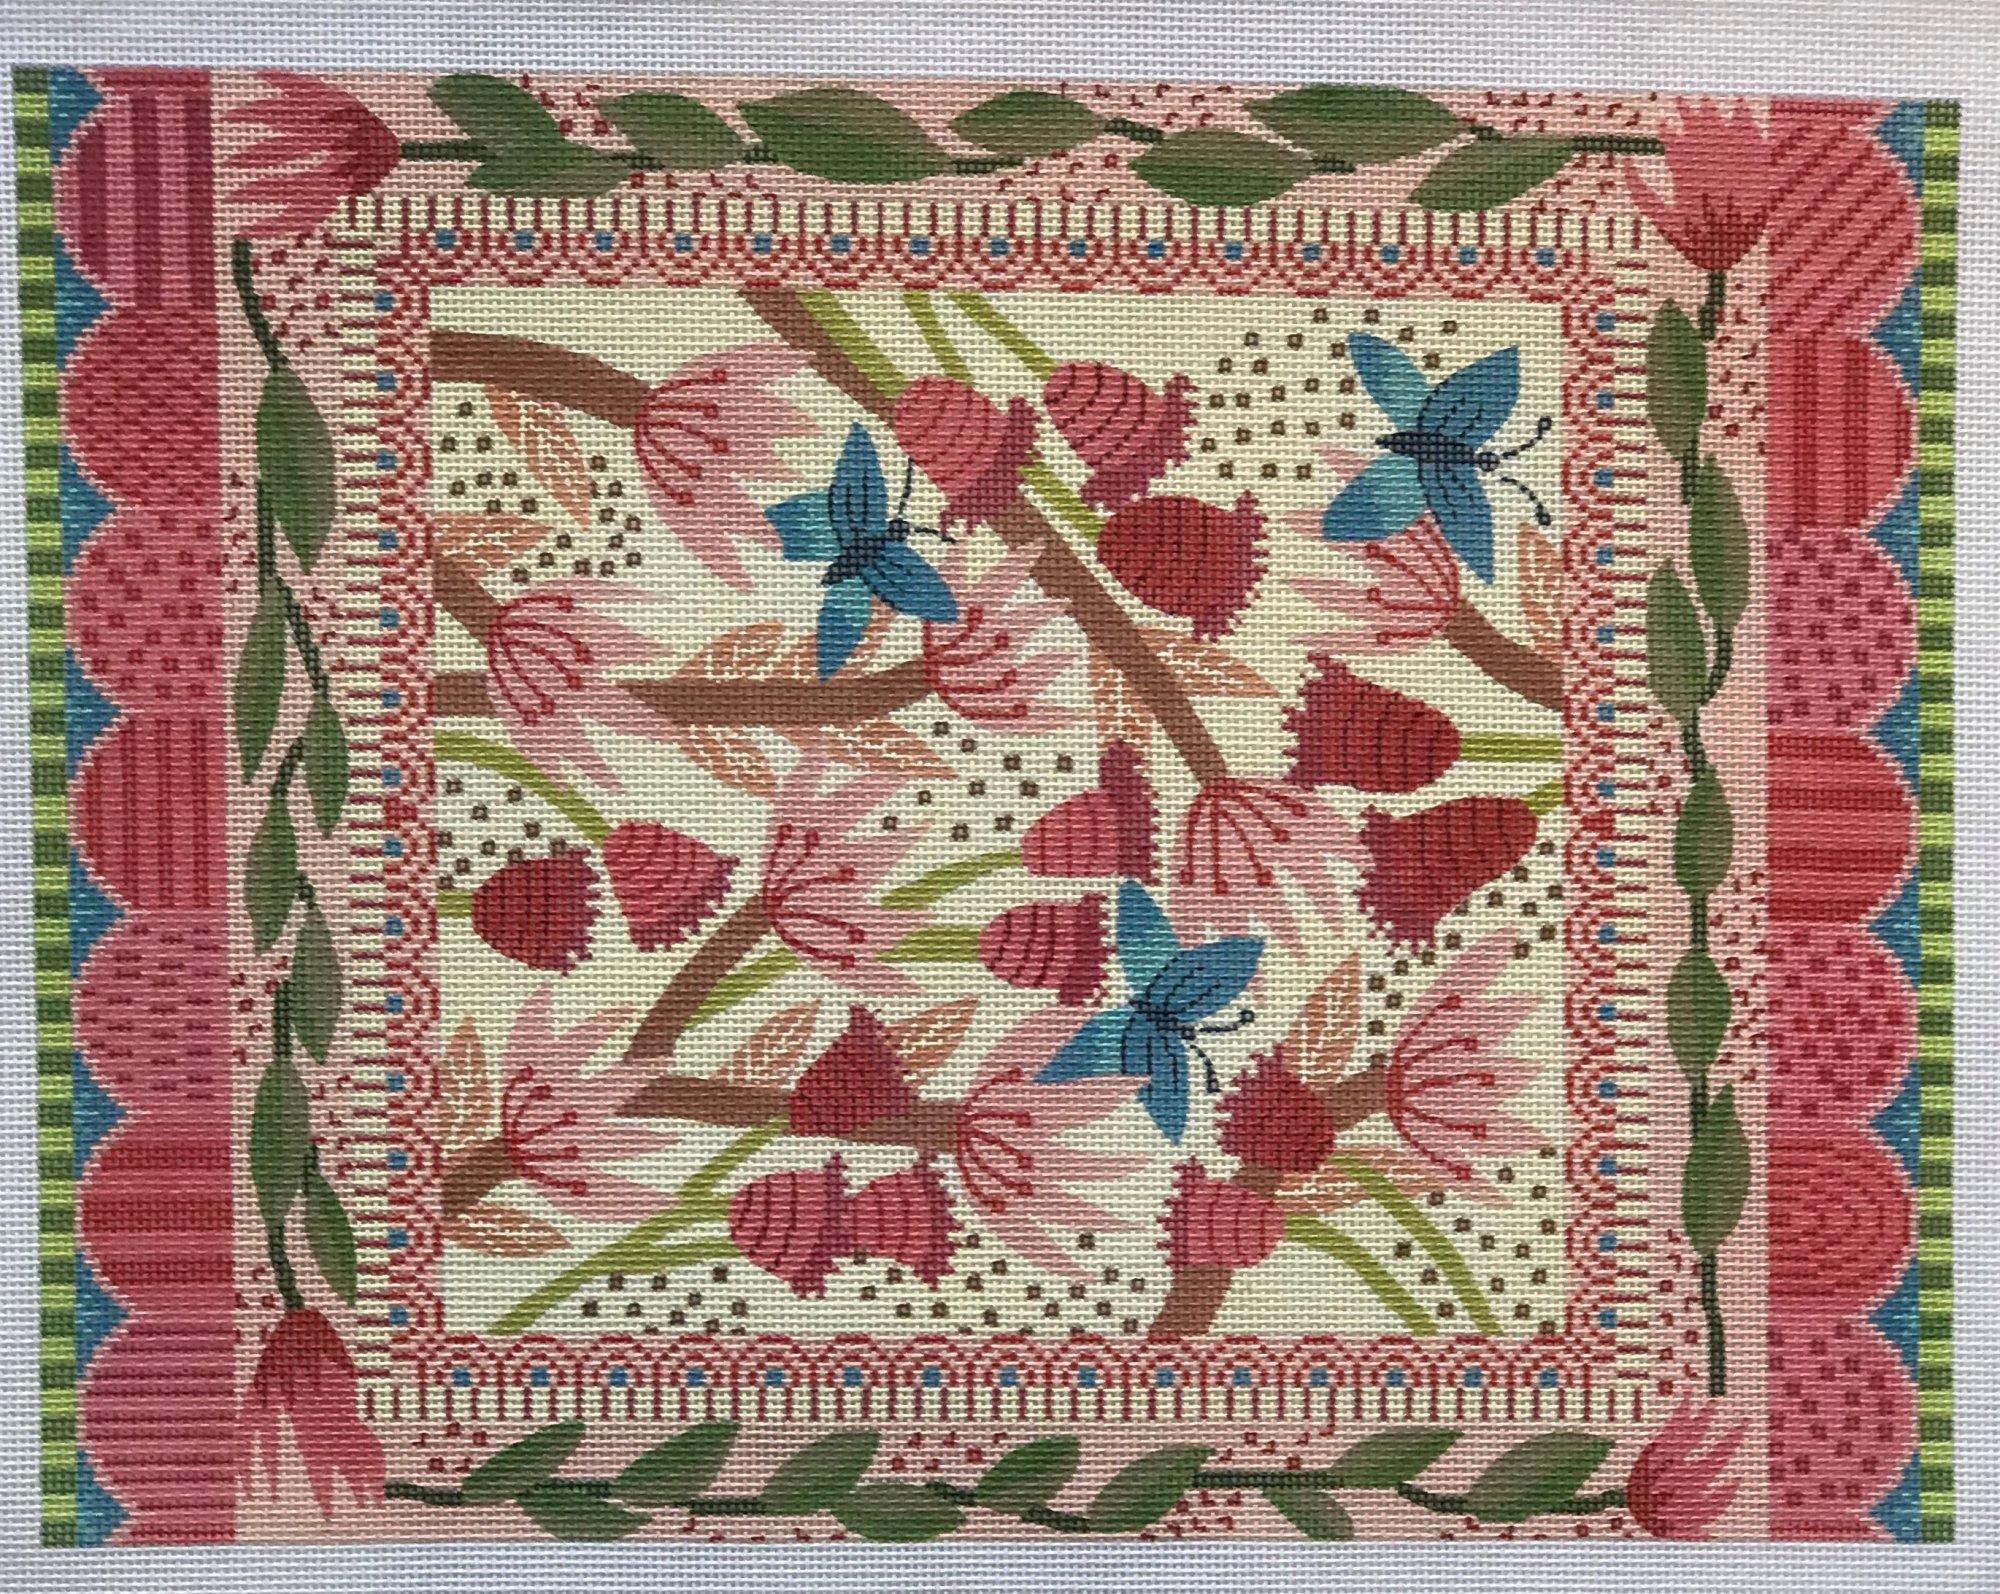 TCN/LeeP1278 Flowers & Butterflies